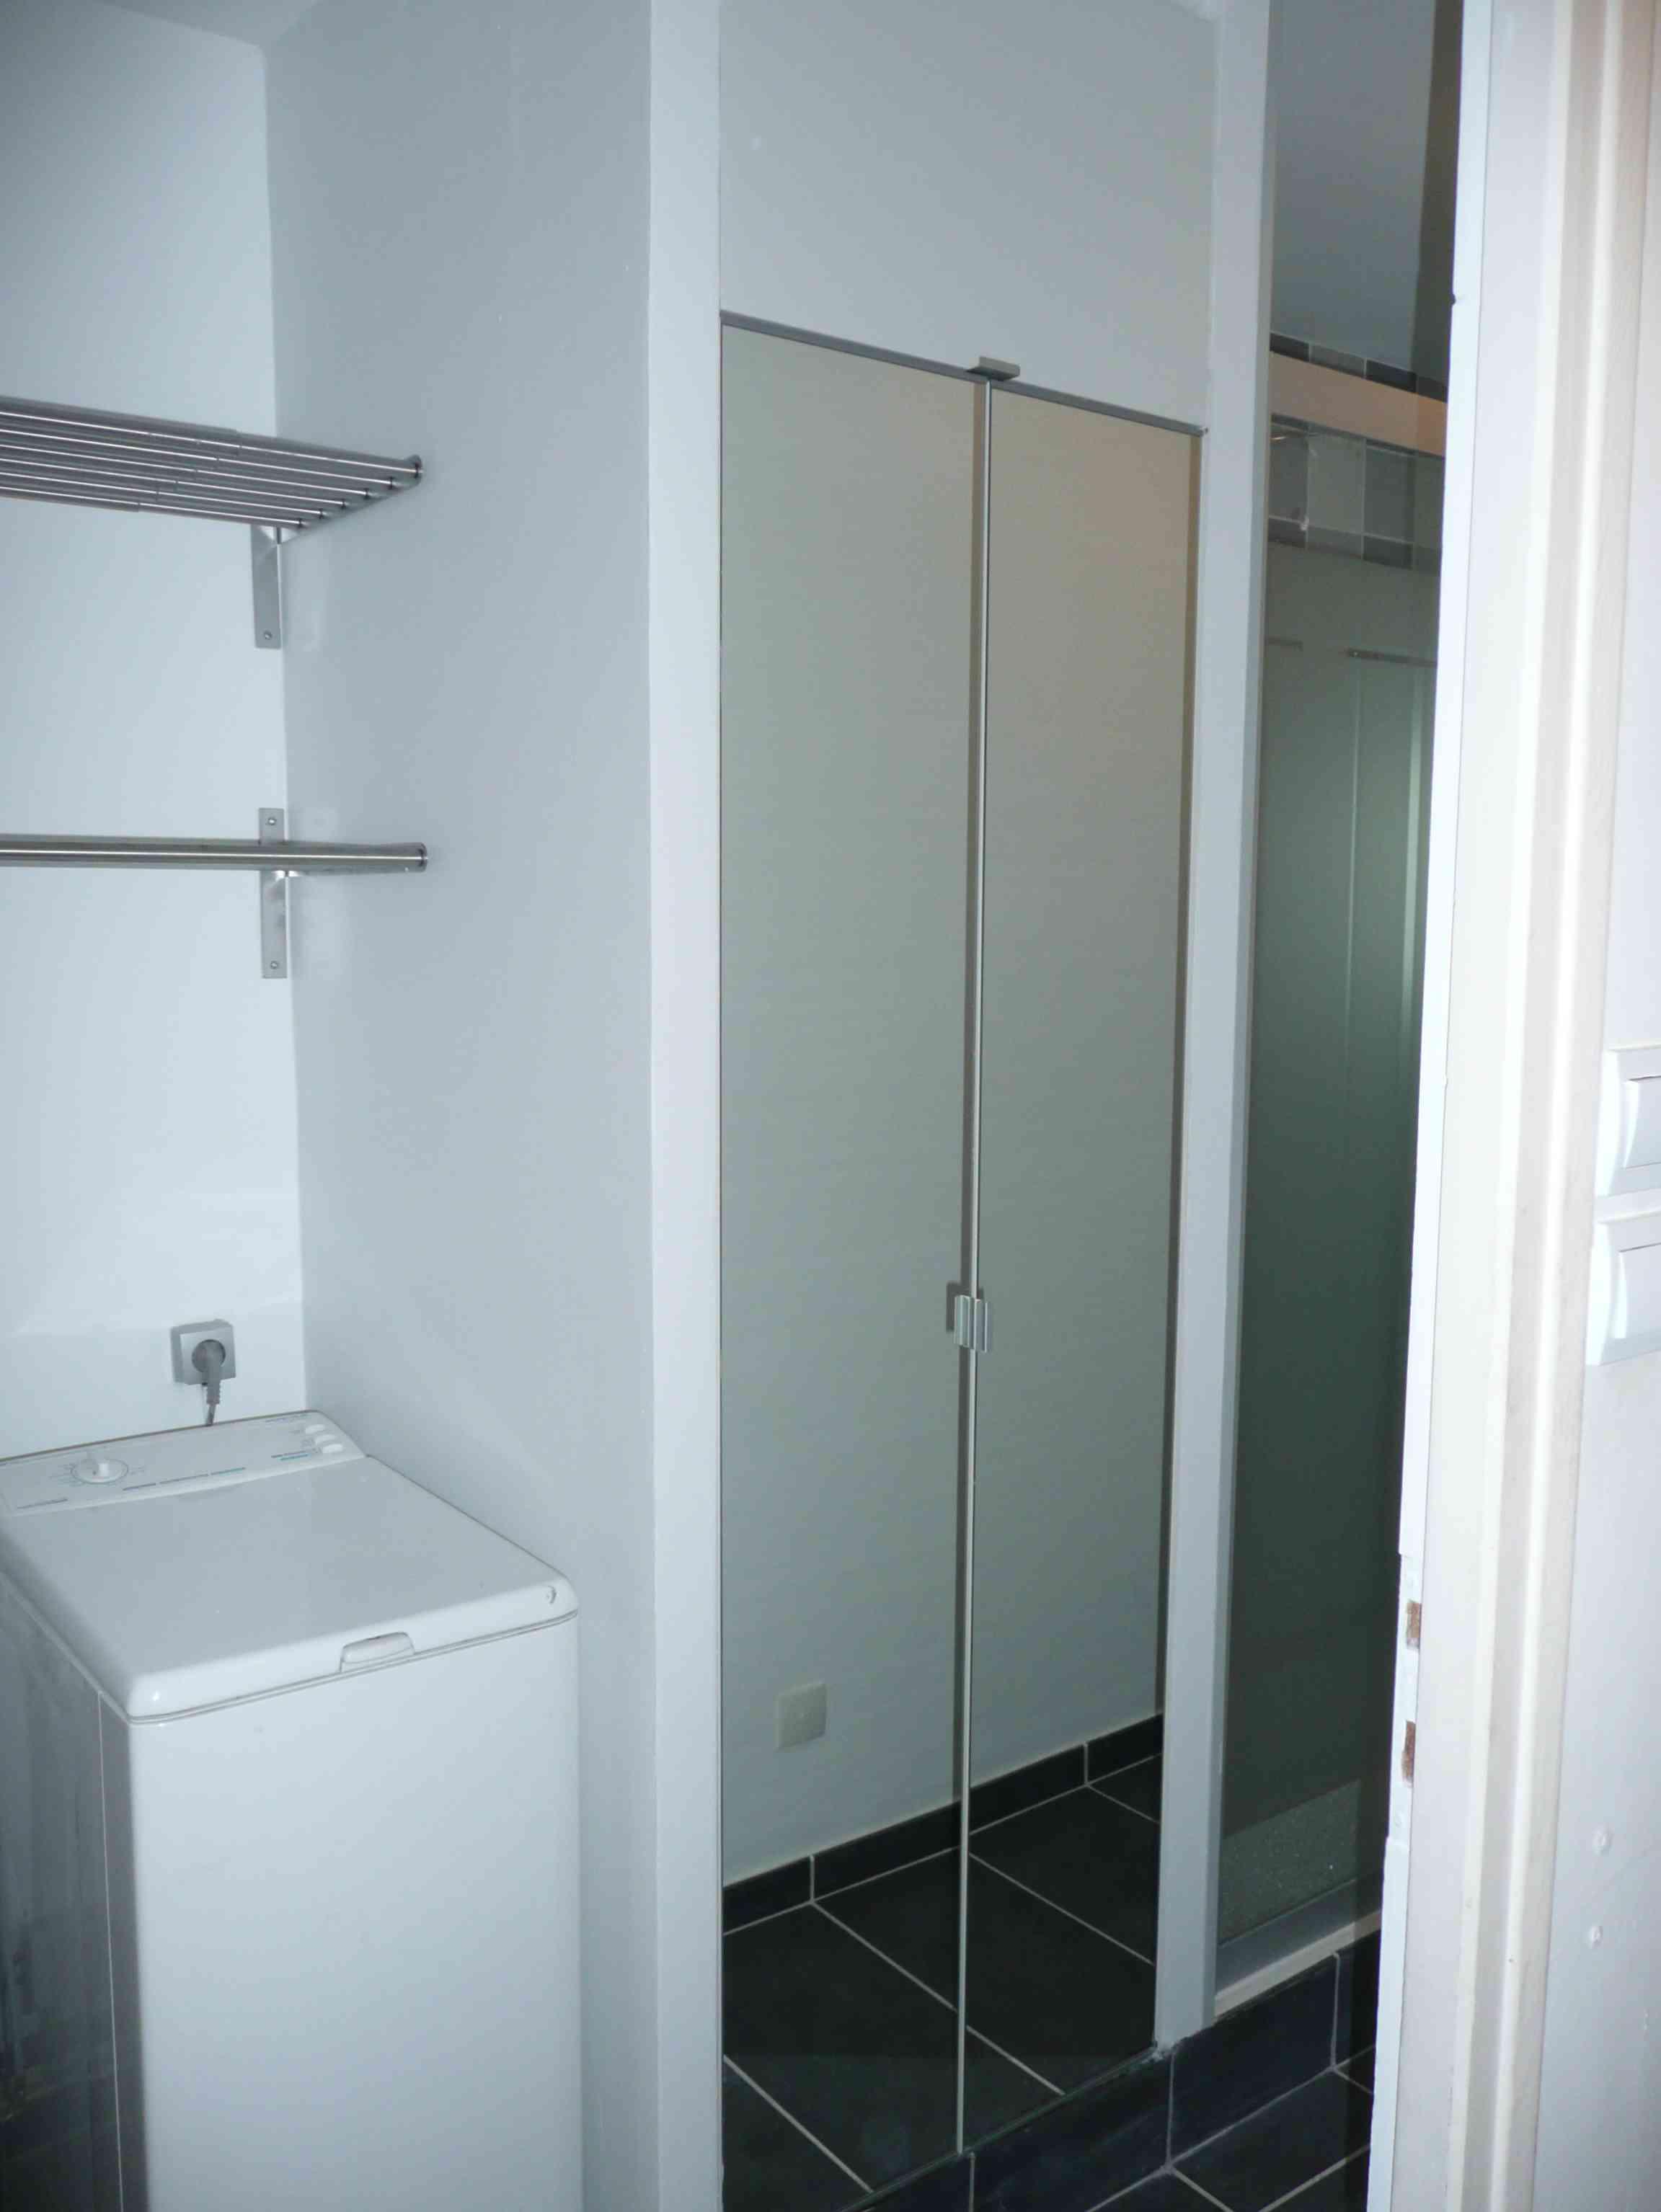 Salle de bain Lille gris placard-miroir buanderie